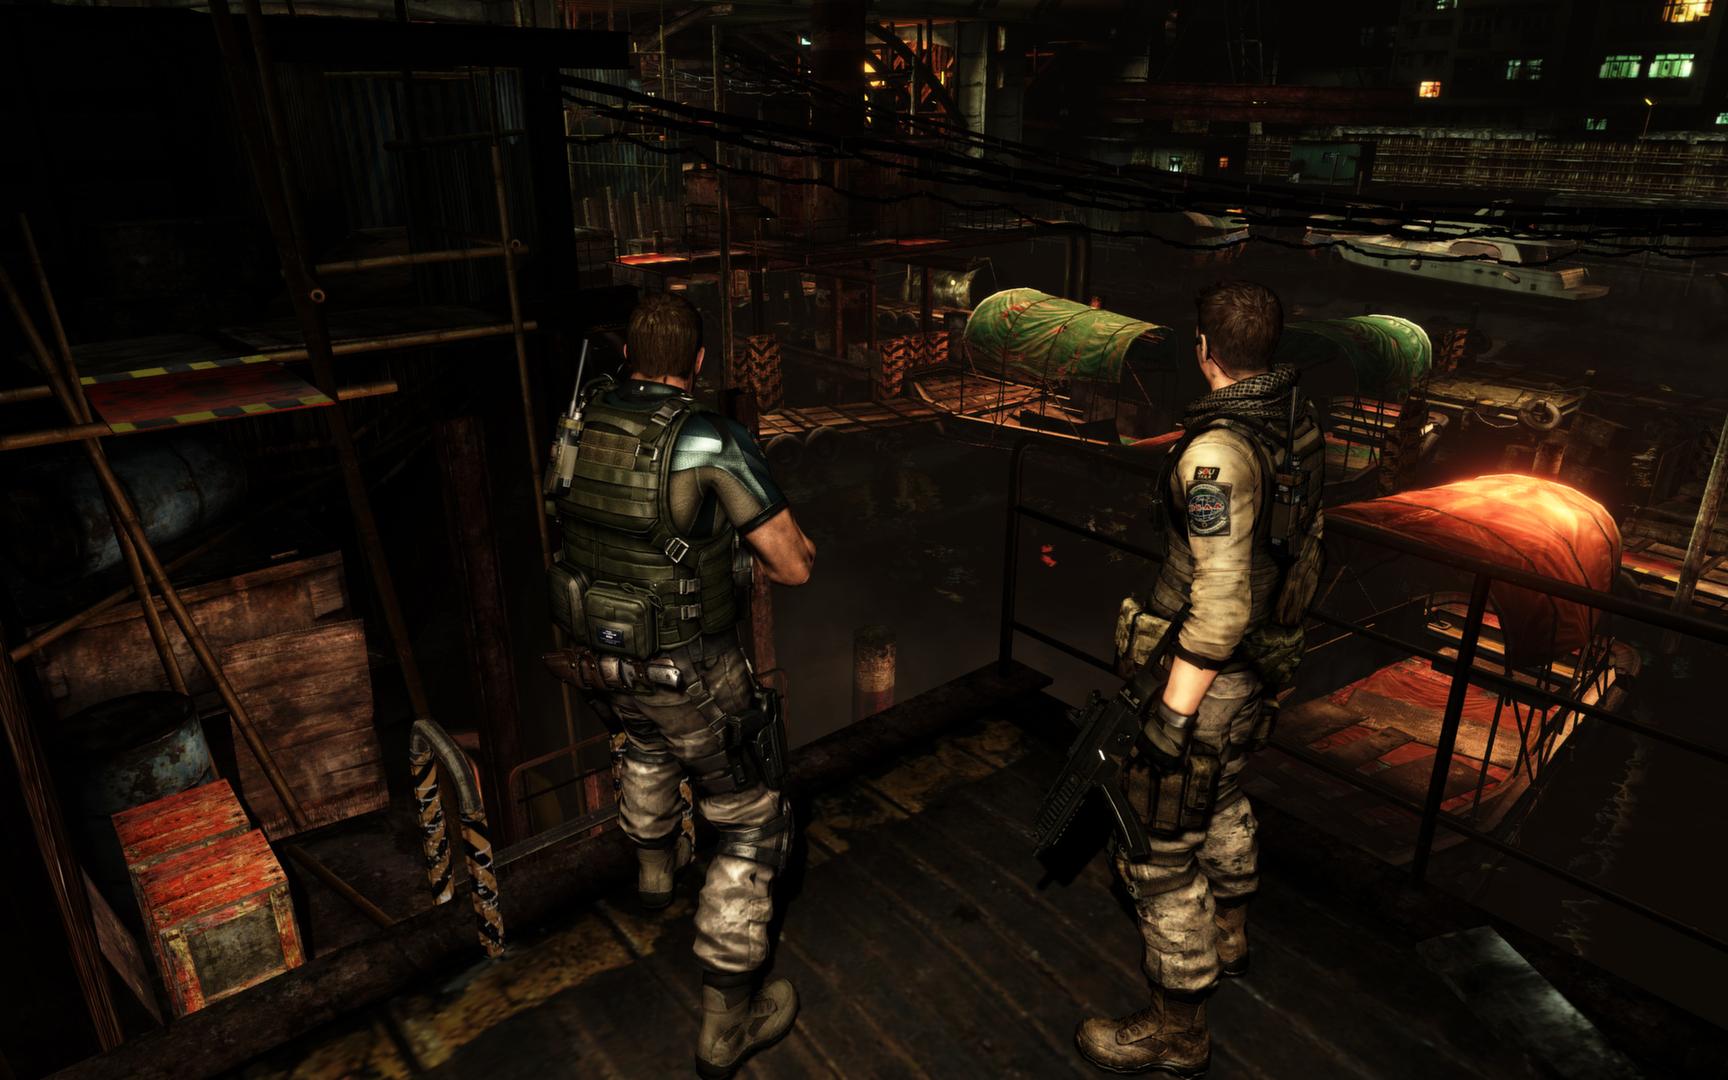 Resident Evil 6 Full Version - 5.2 GB